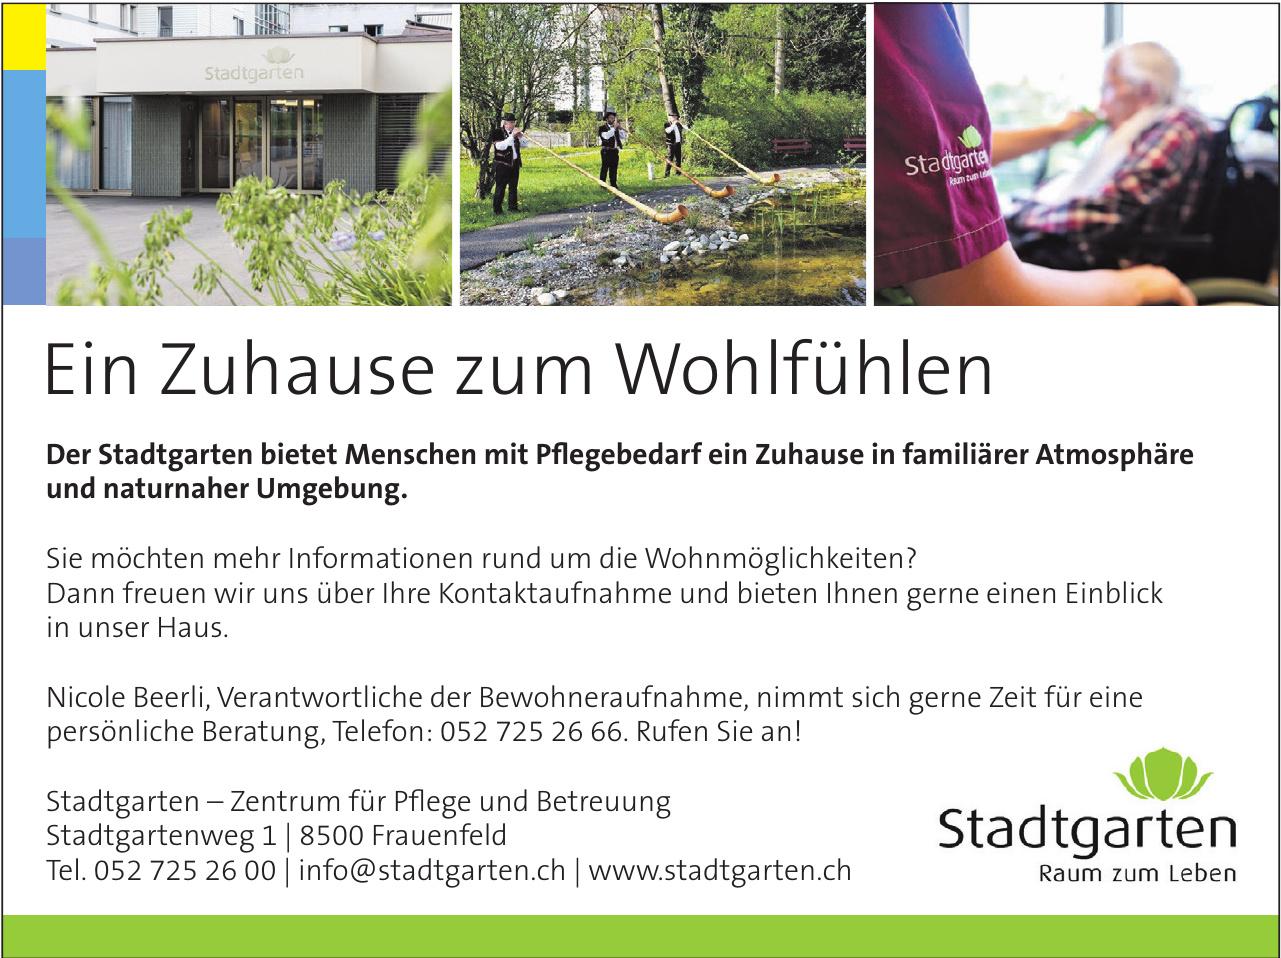 Stadtgarten - Zentrum für Pflege und Betreuung